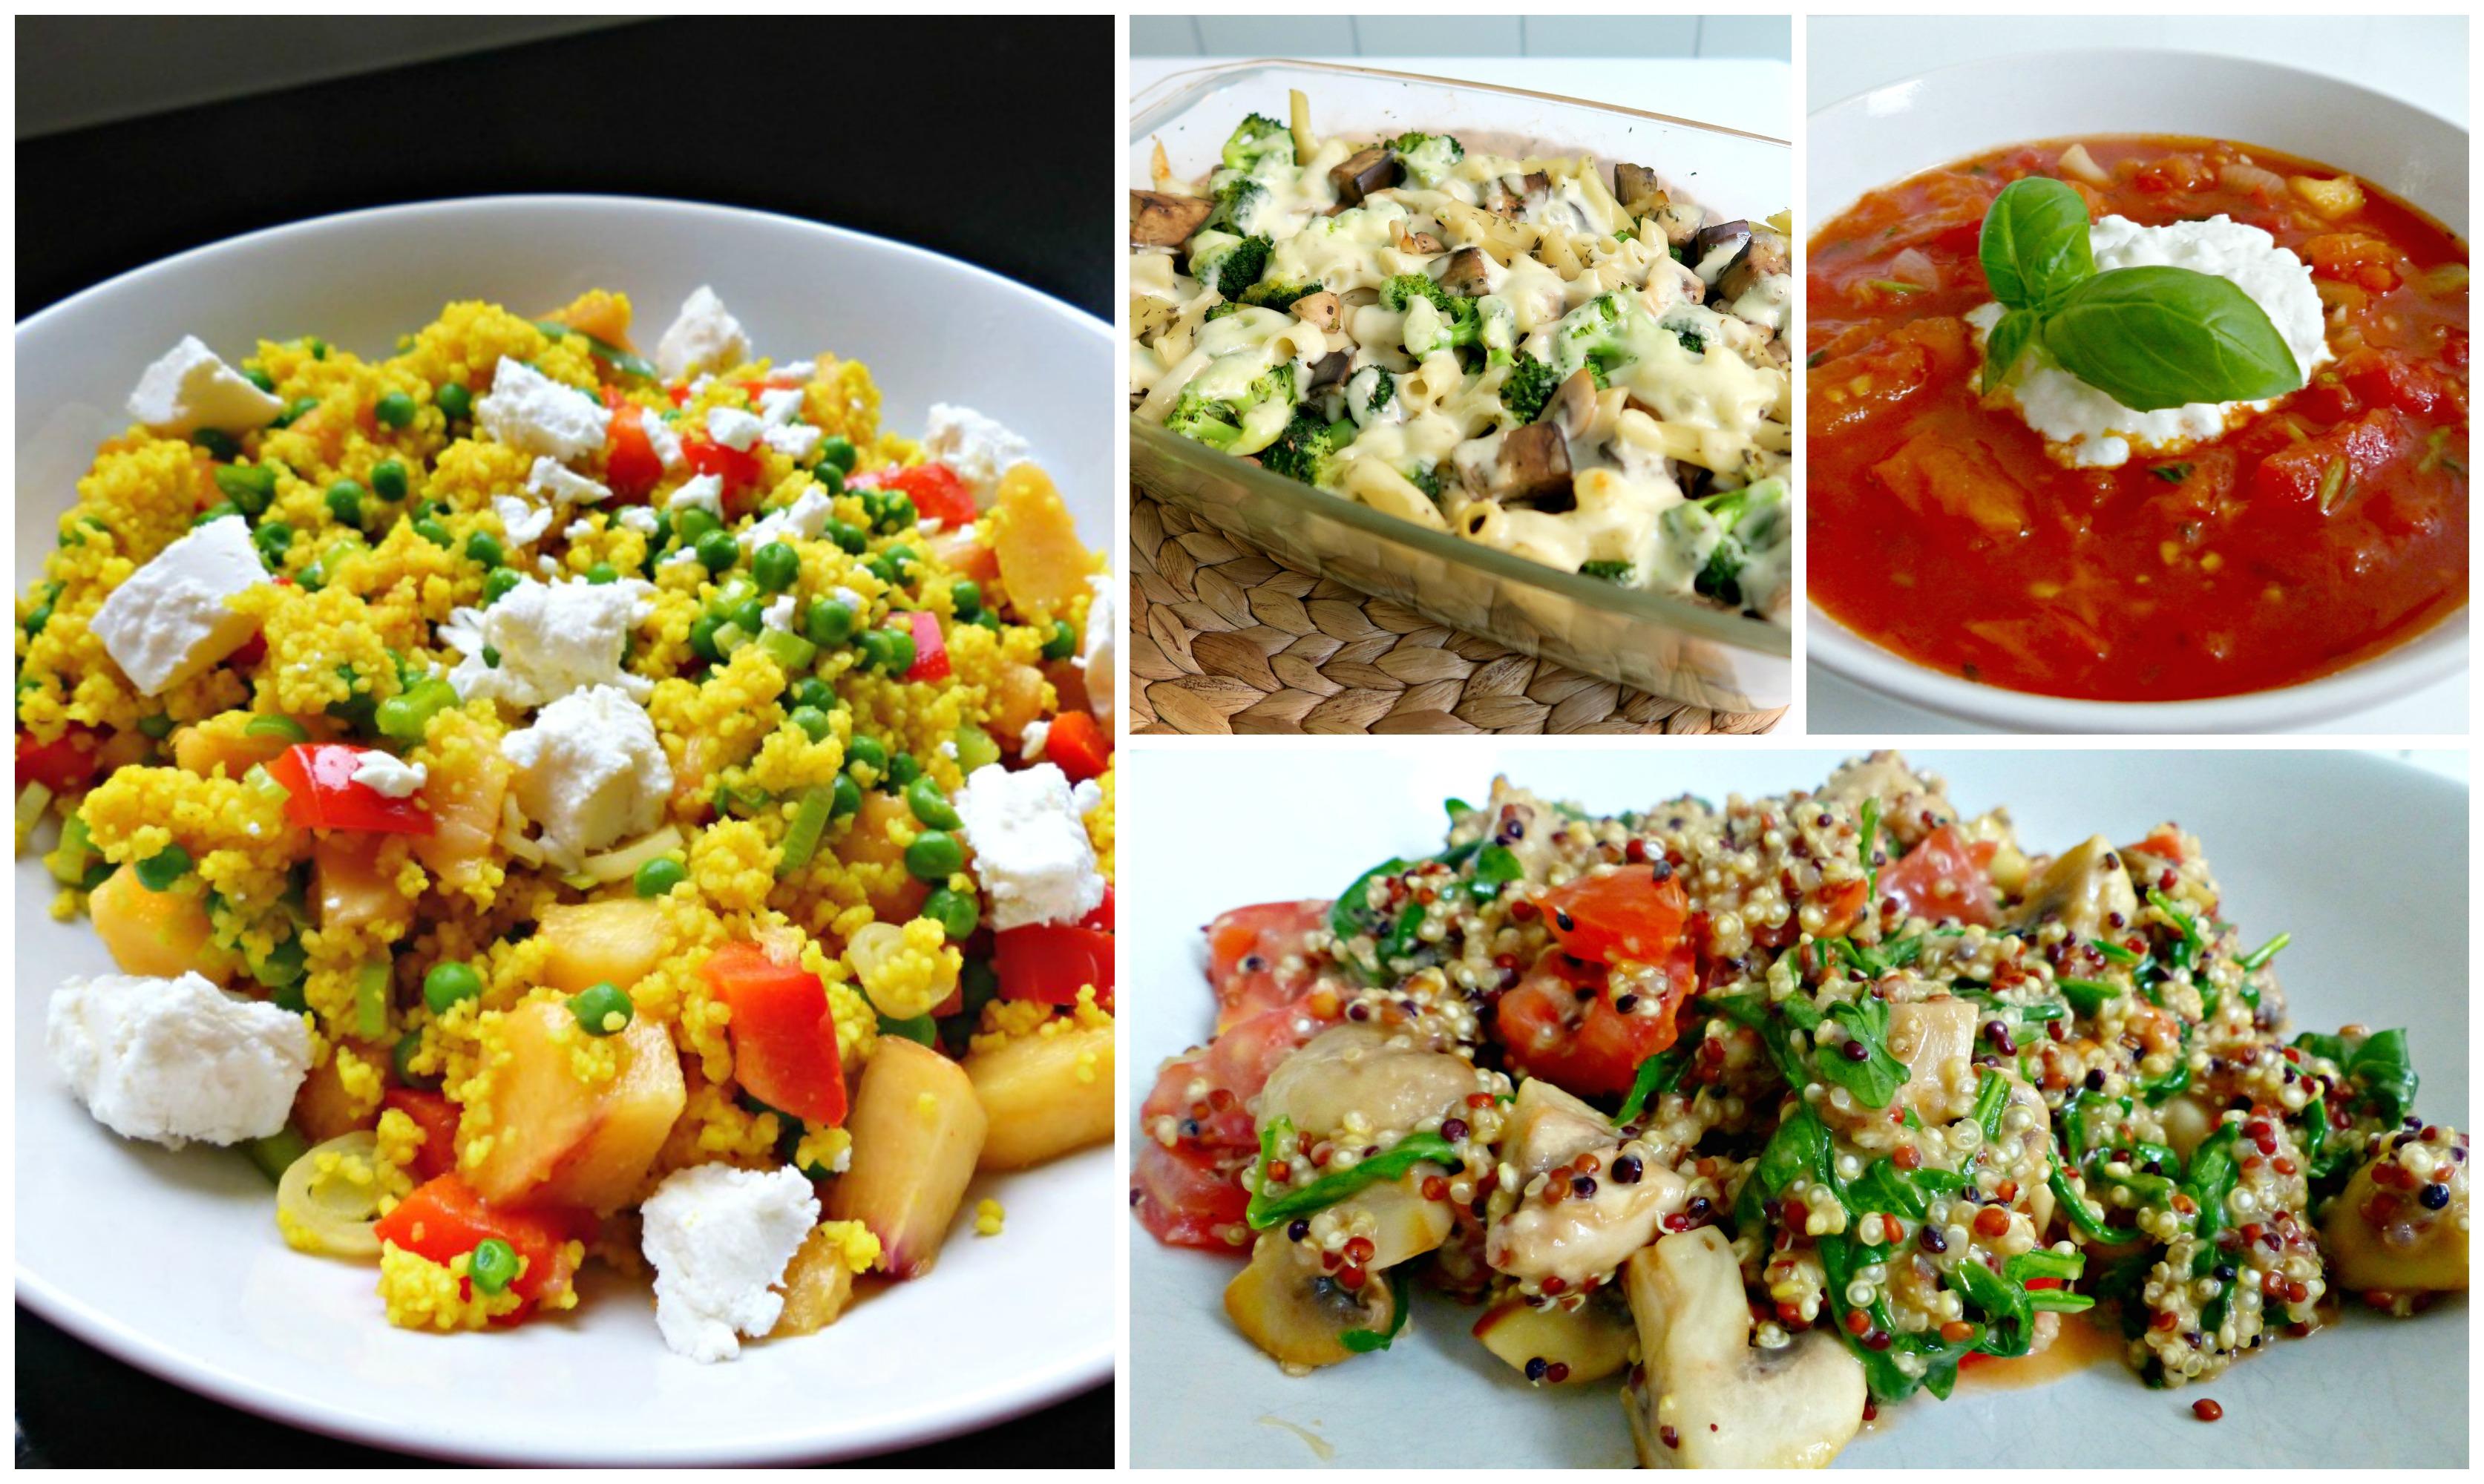 Gezonde Vegetarische Recepten - Mijn Favorieten - Optima Vita